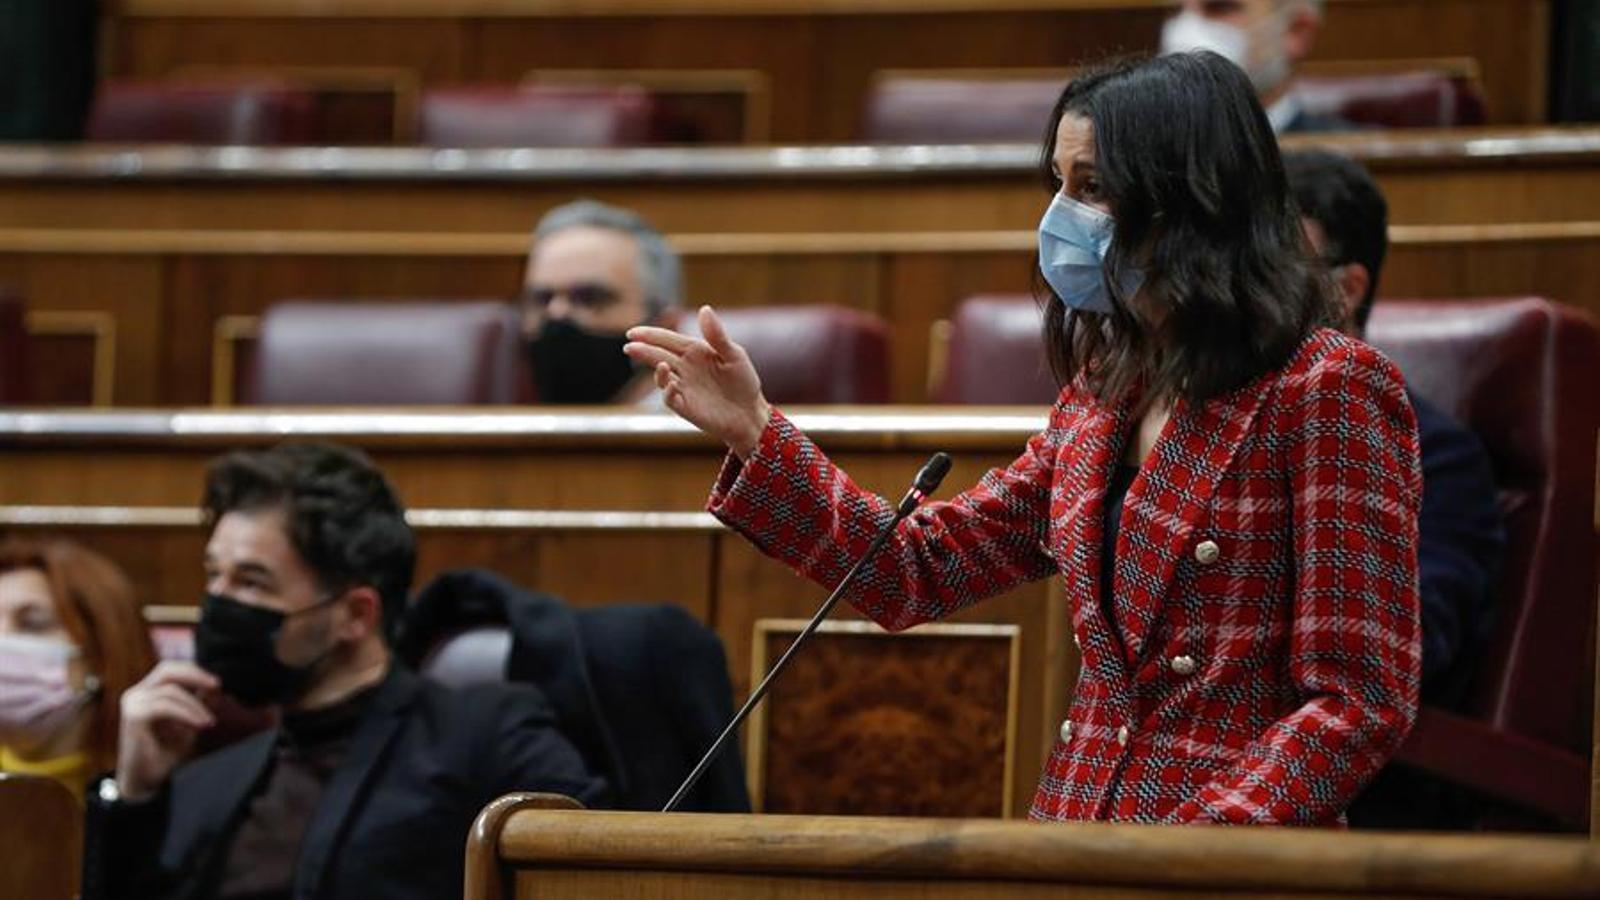 La presidenta de Cs, Inés Arrimadas, a l'hemicicle del Congrés